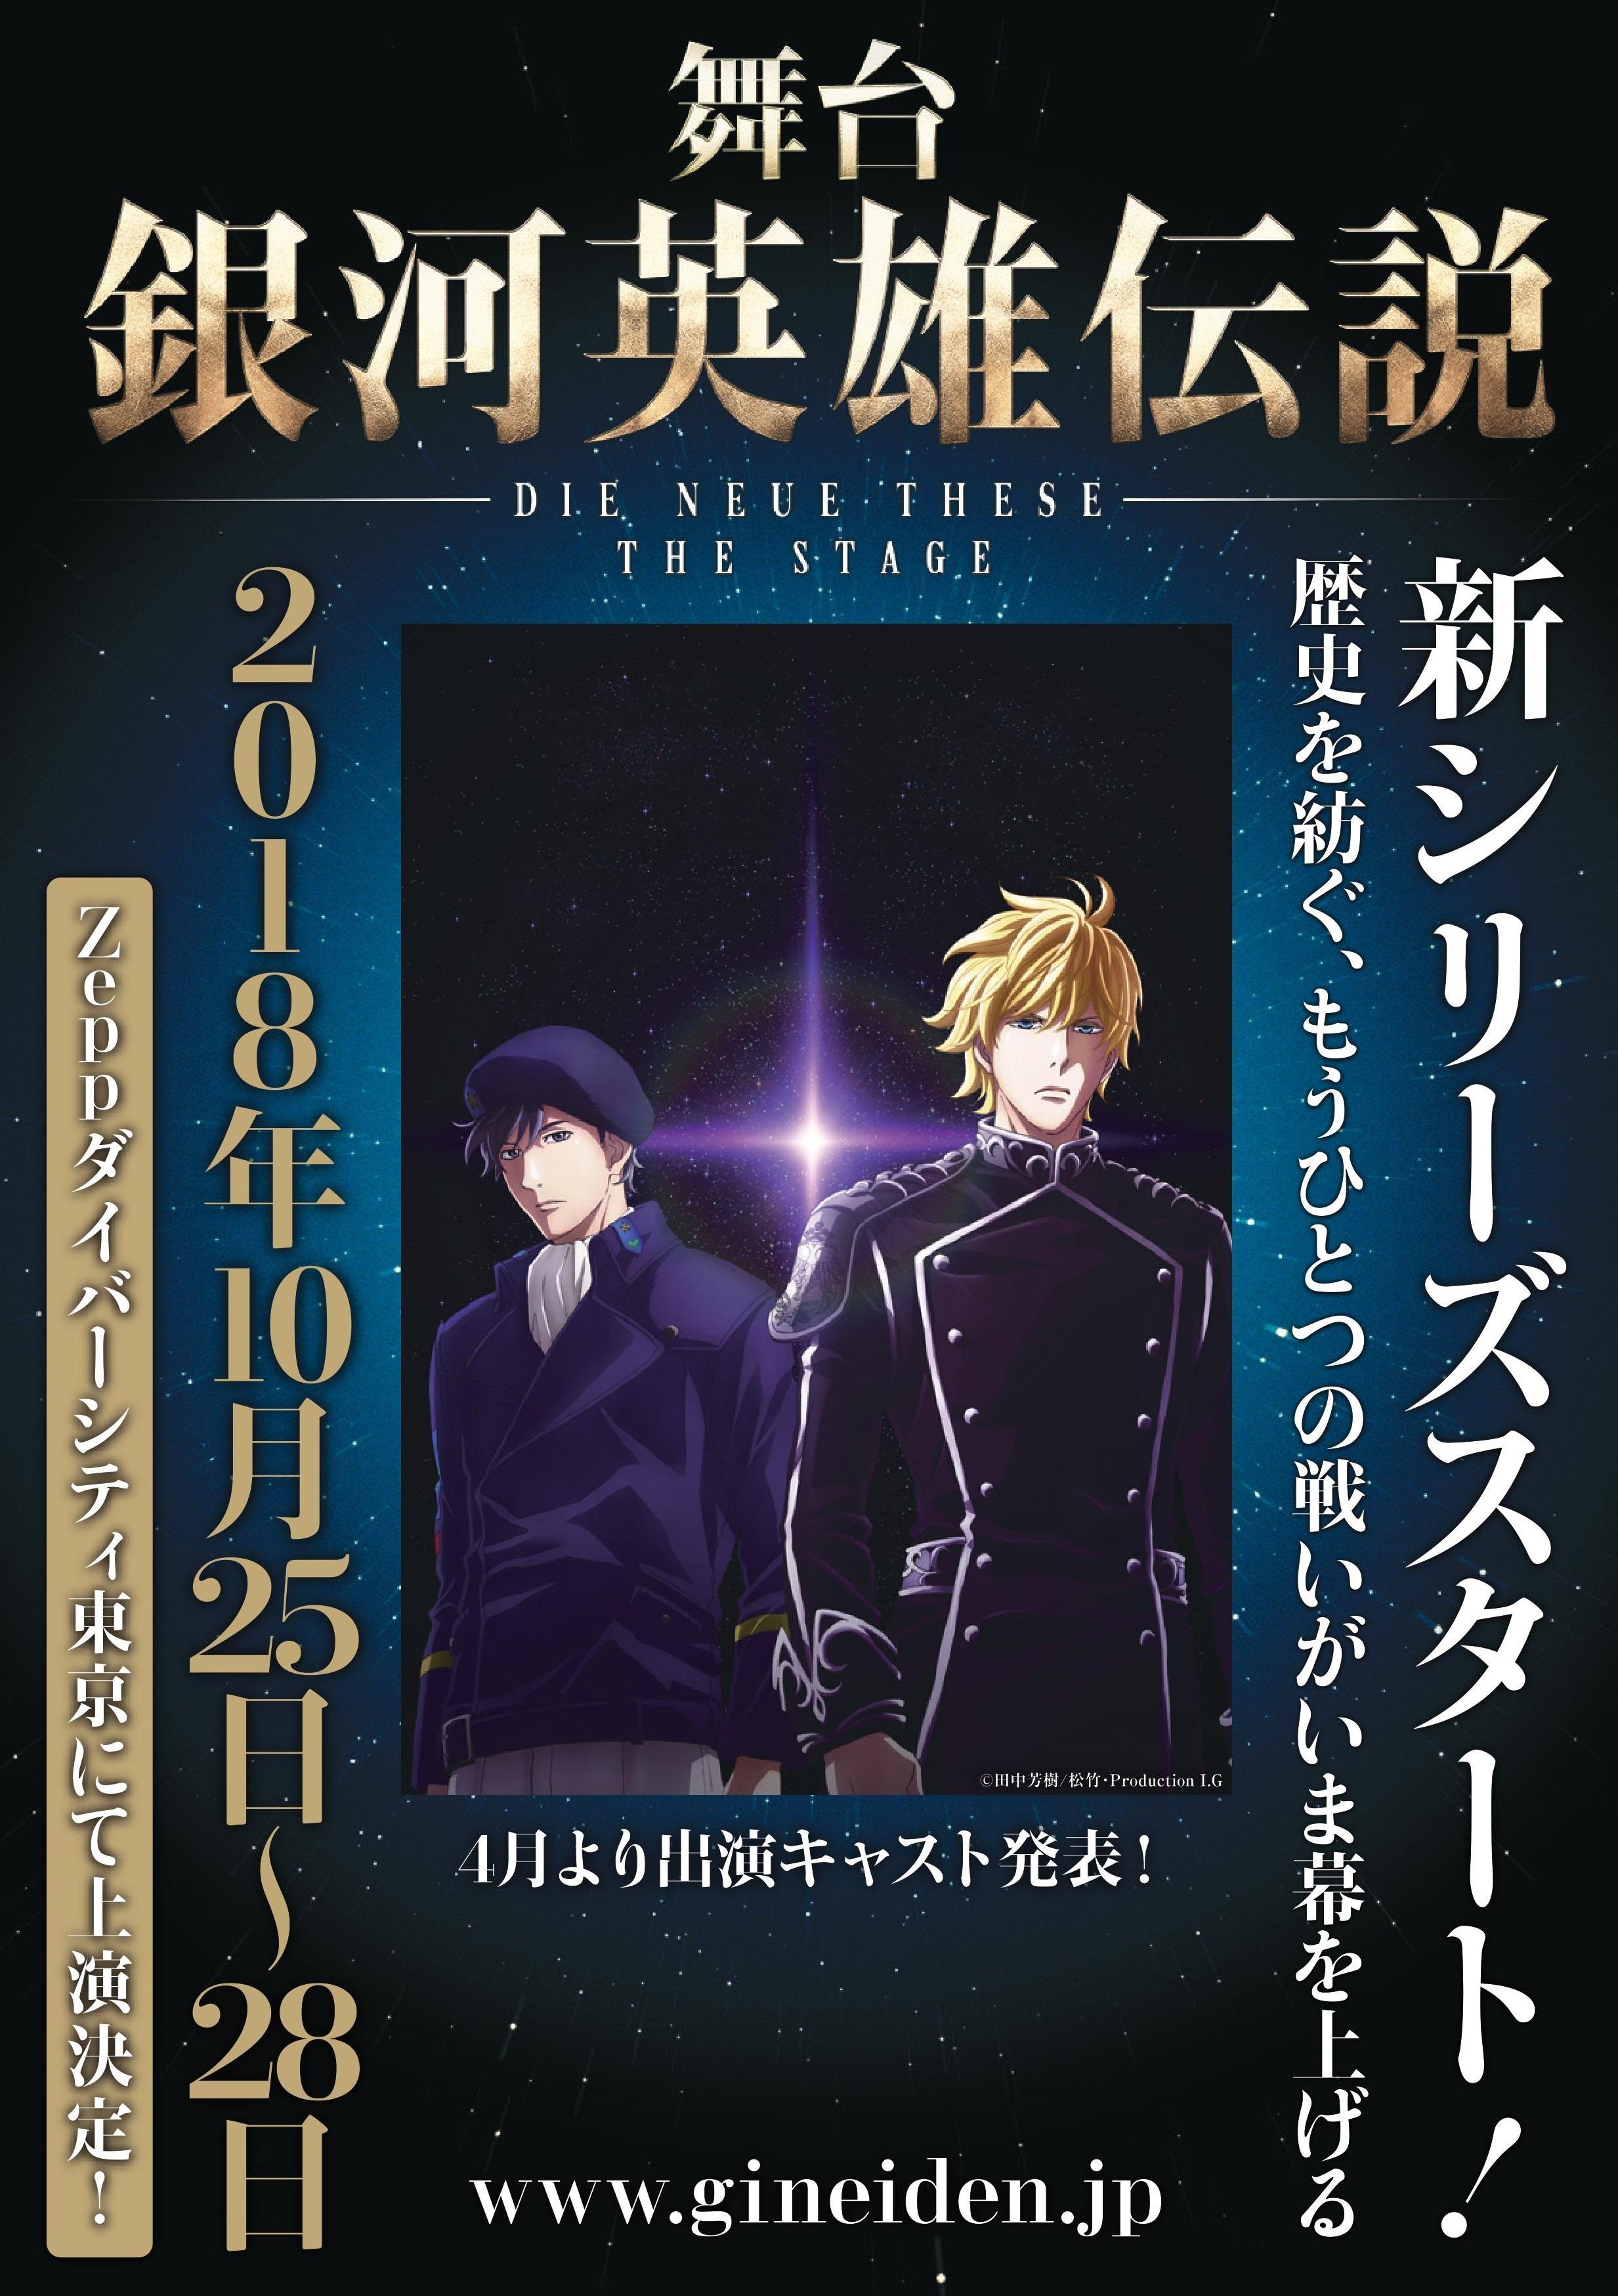 舞台『銀河英雄伝説』 (c)田中芳樹 /松竹・ Production I.GP